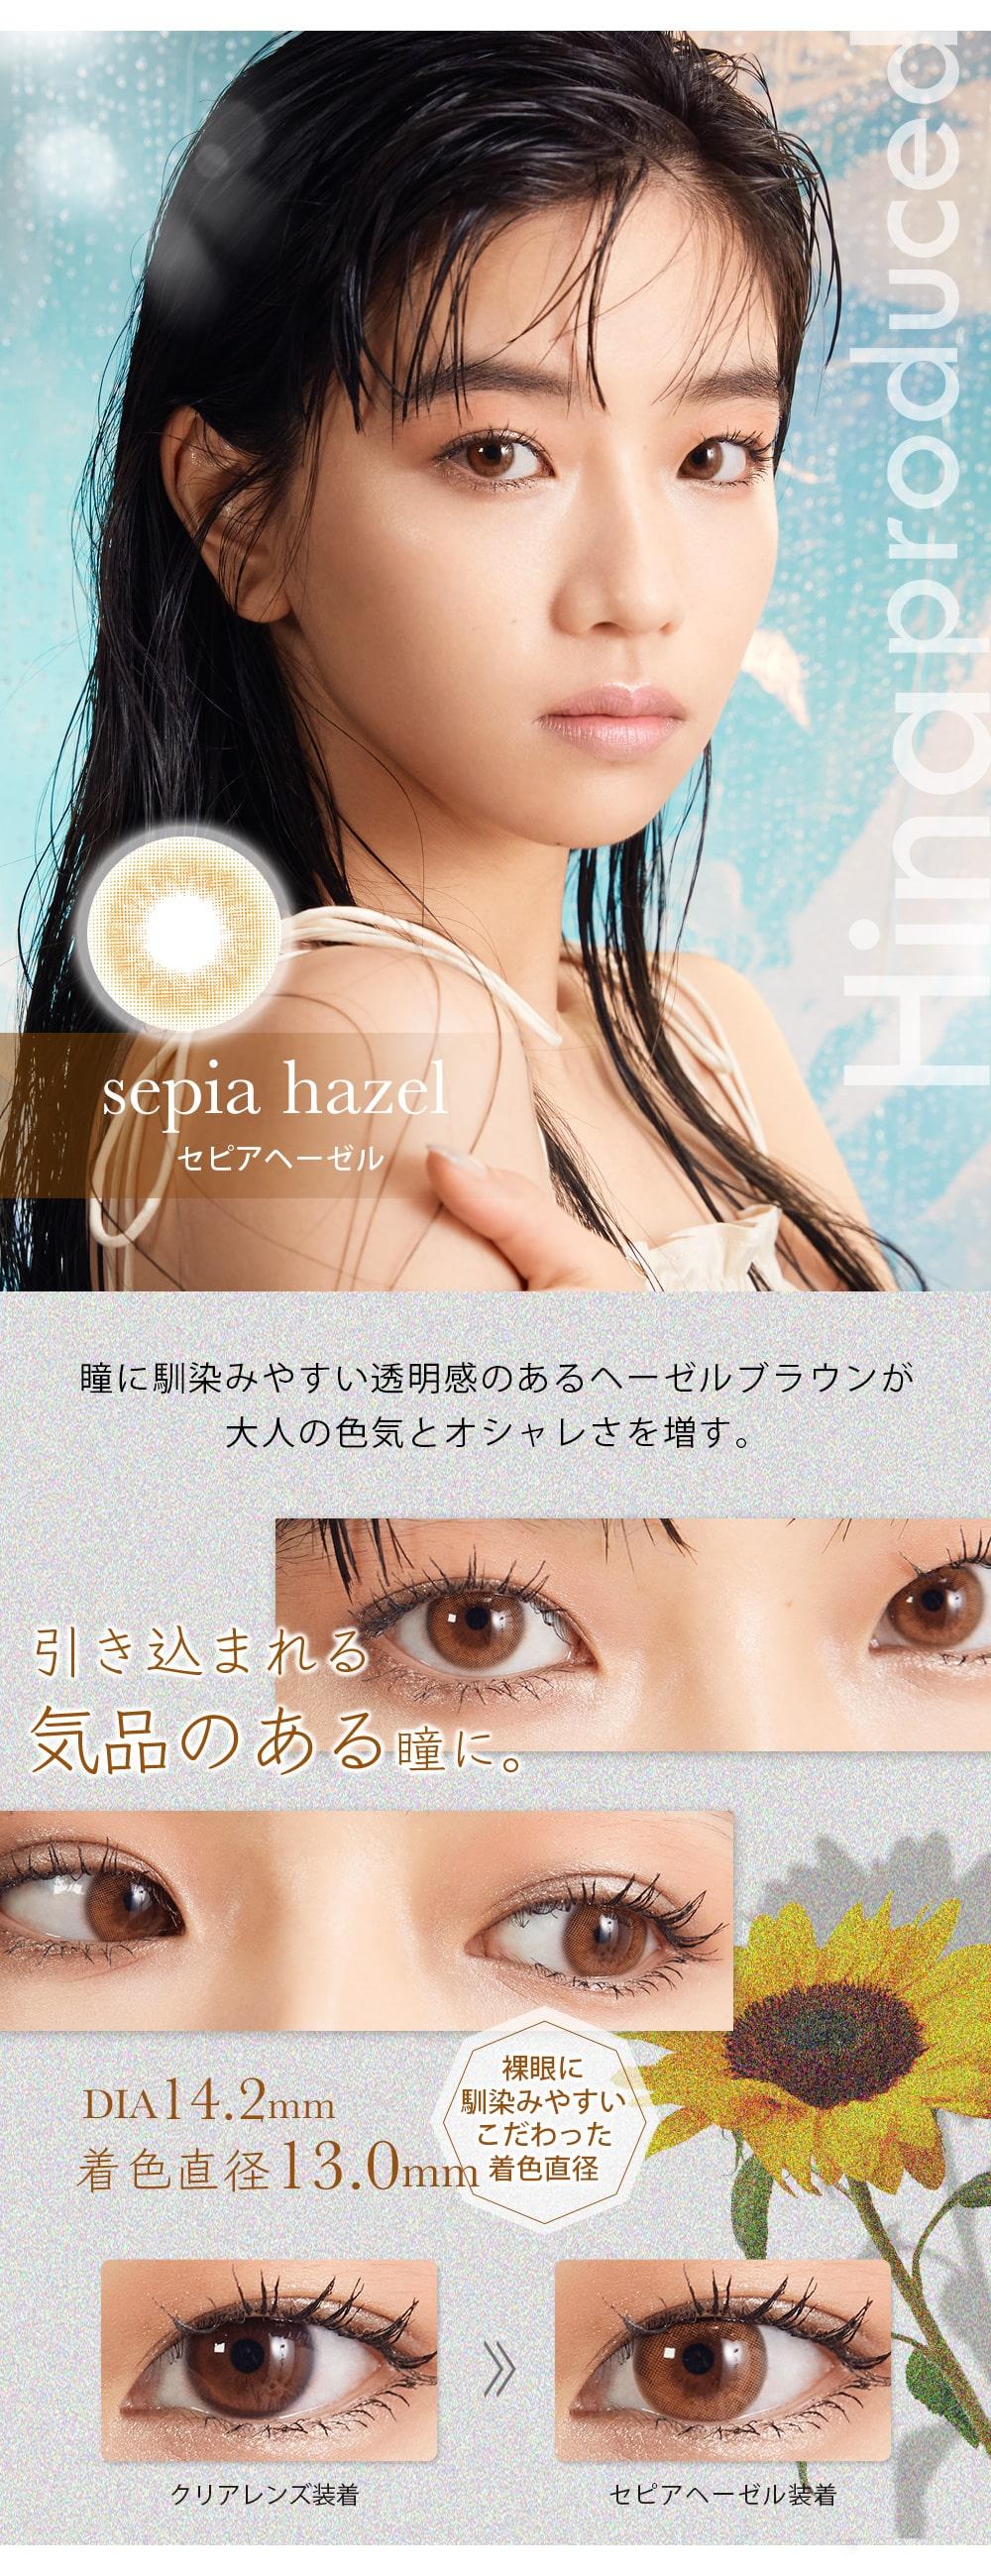 瞳に馴染みやすい透明感のあるブラウンが大人の色気とオシャレさを増す。引き込まれる圧倒的な気品のある瞳に。セピアヘーゼル